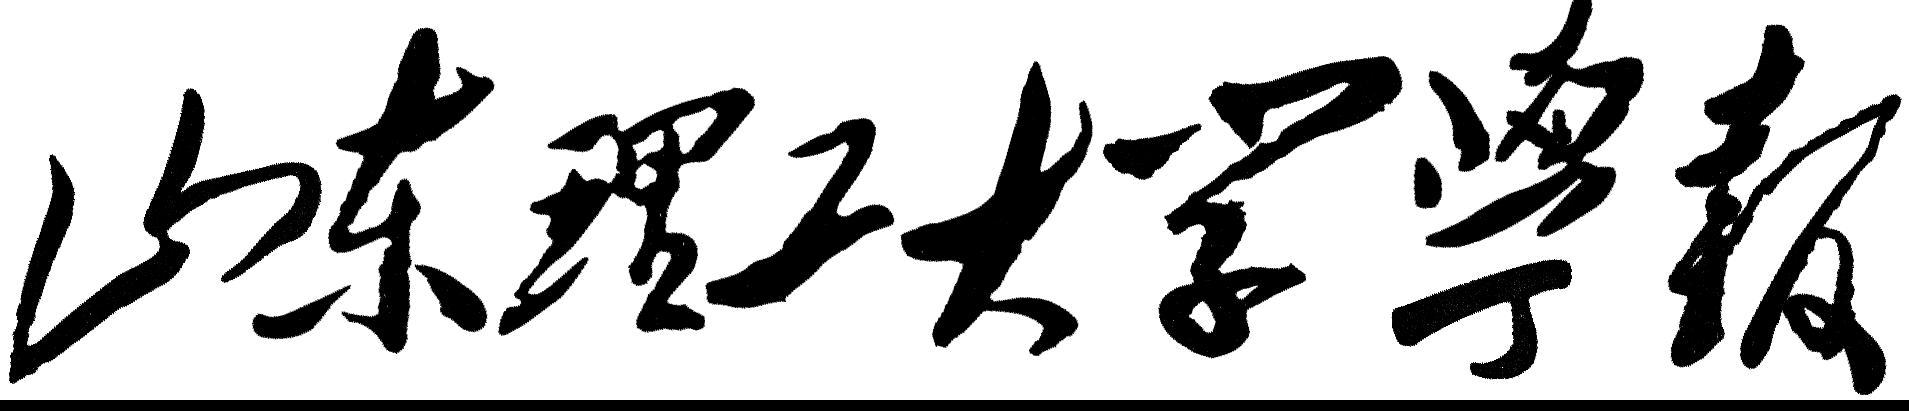 北京奥运会经济效应研究